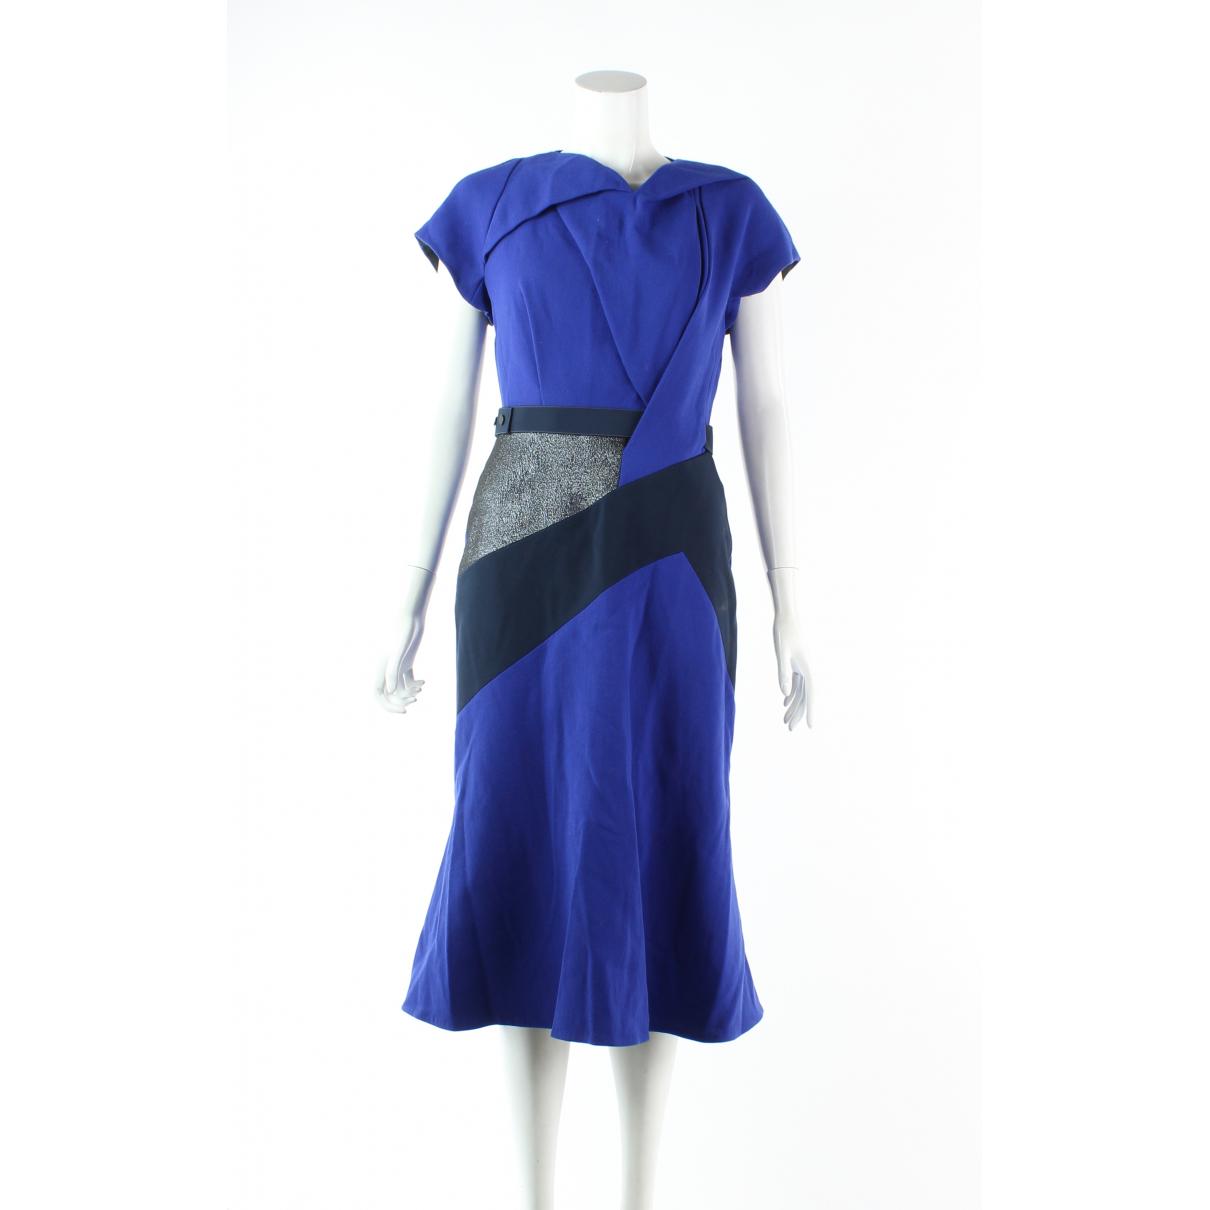 Peter Pilotto \N Kleid in  Blau Wolle